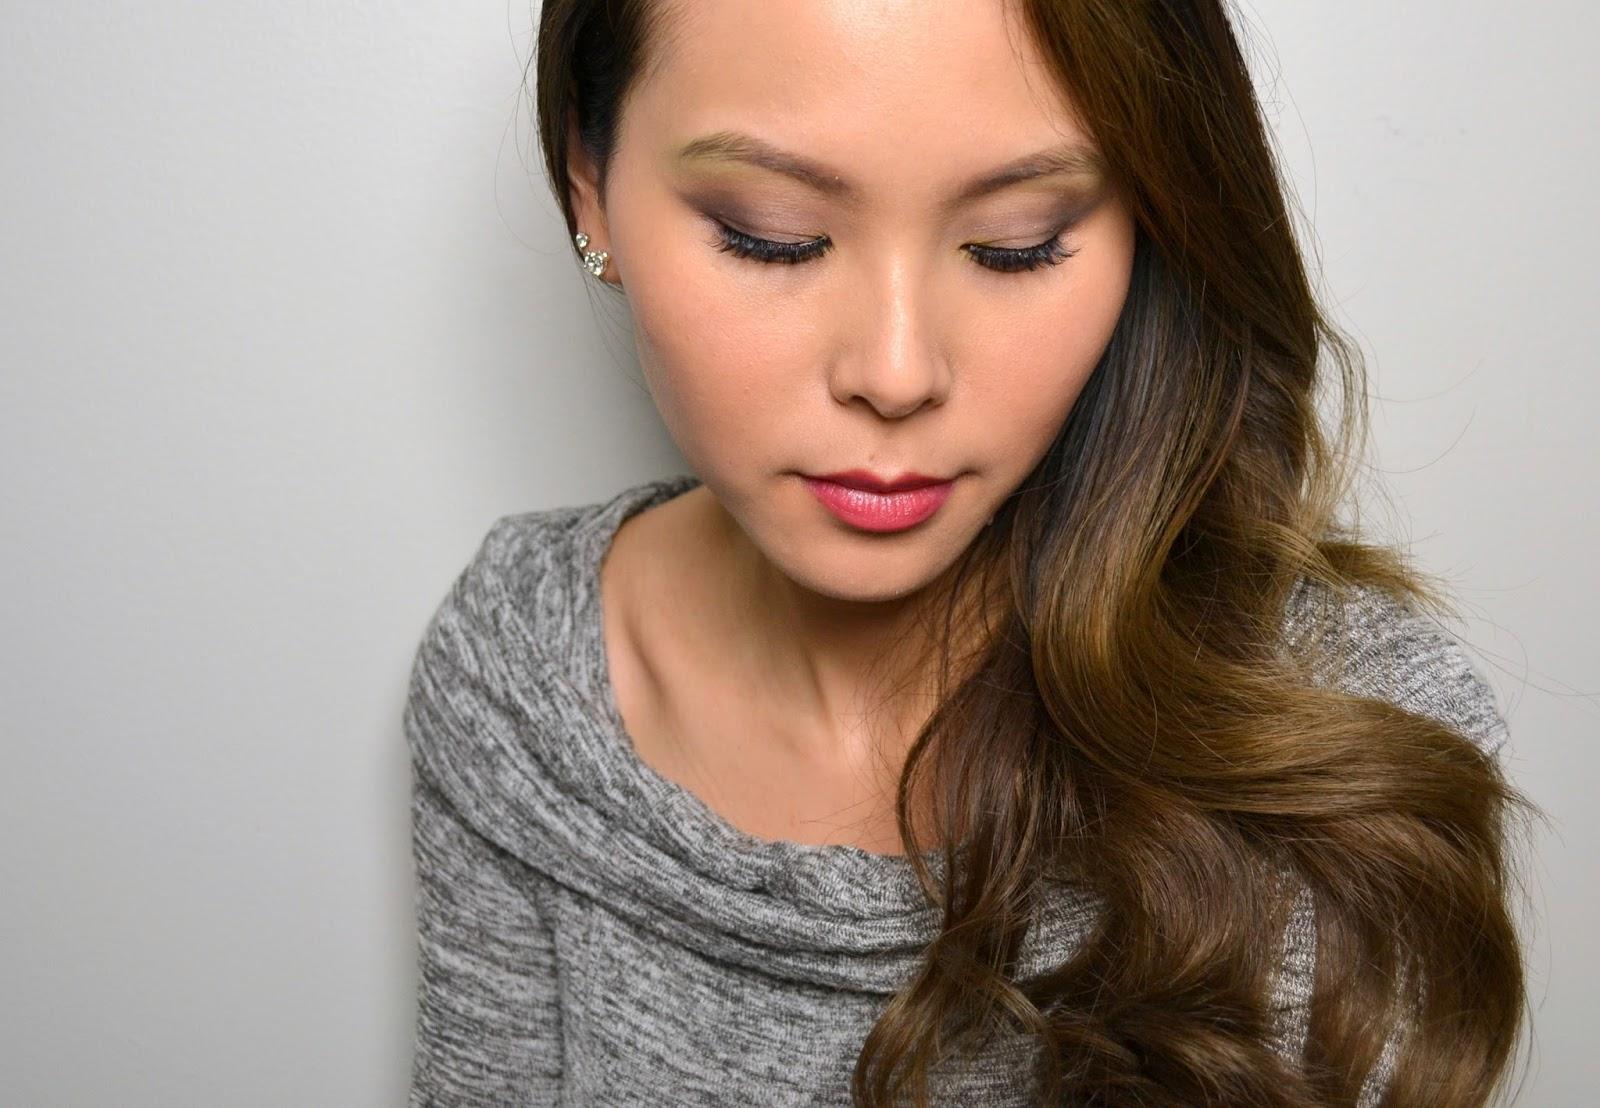 makeup look | dior glowing gardens 5 couleurs eyeshadow palette in